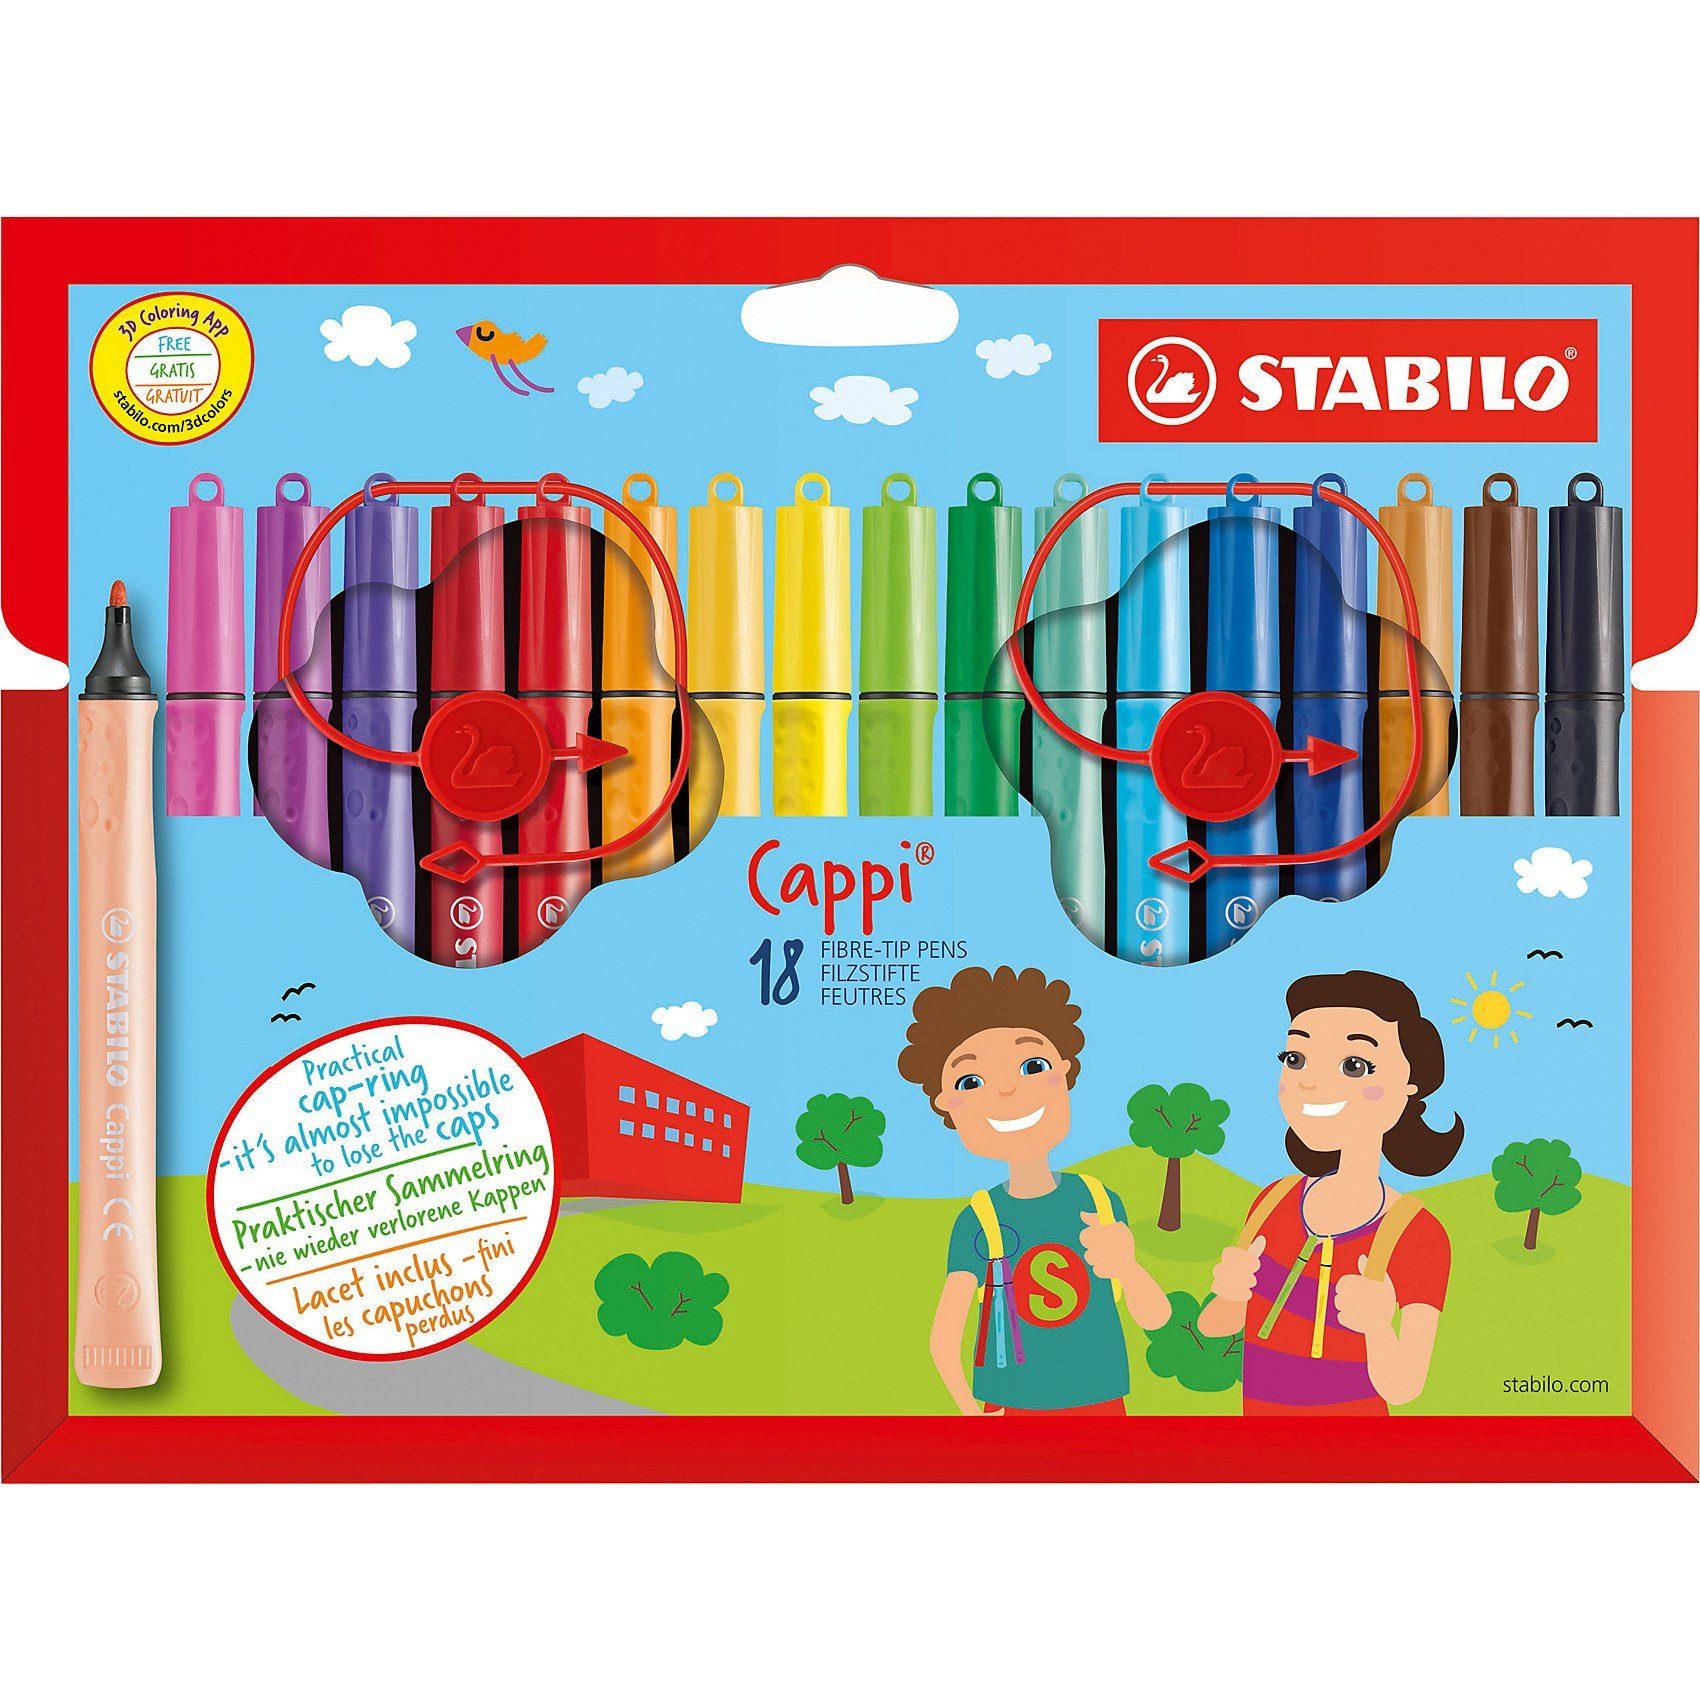 Stabilo Filzstifte Cappi im Etui, 18 Farben